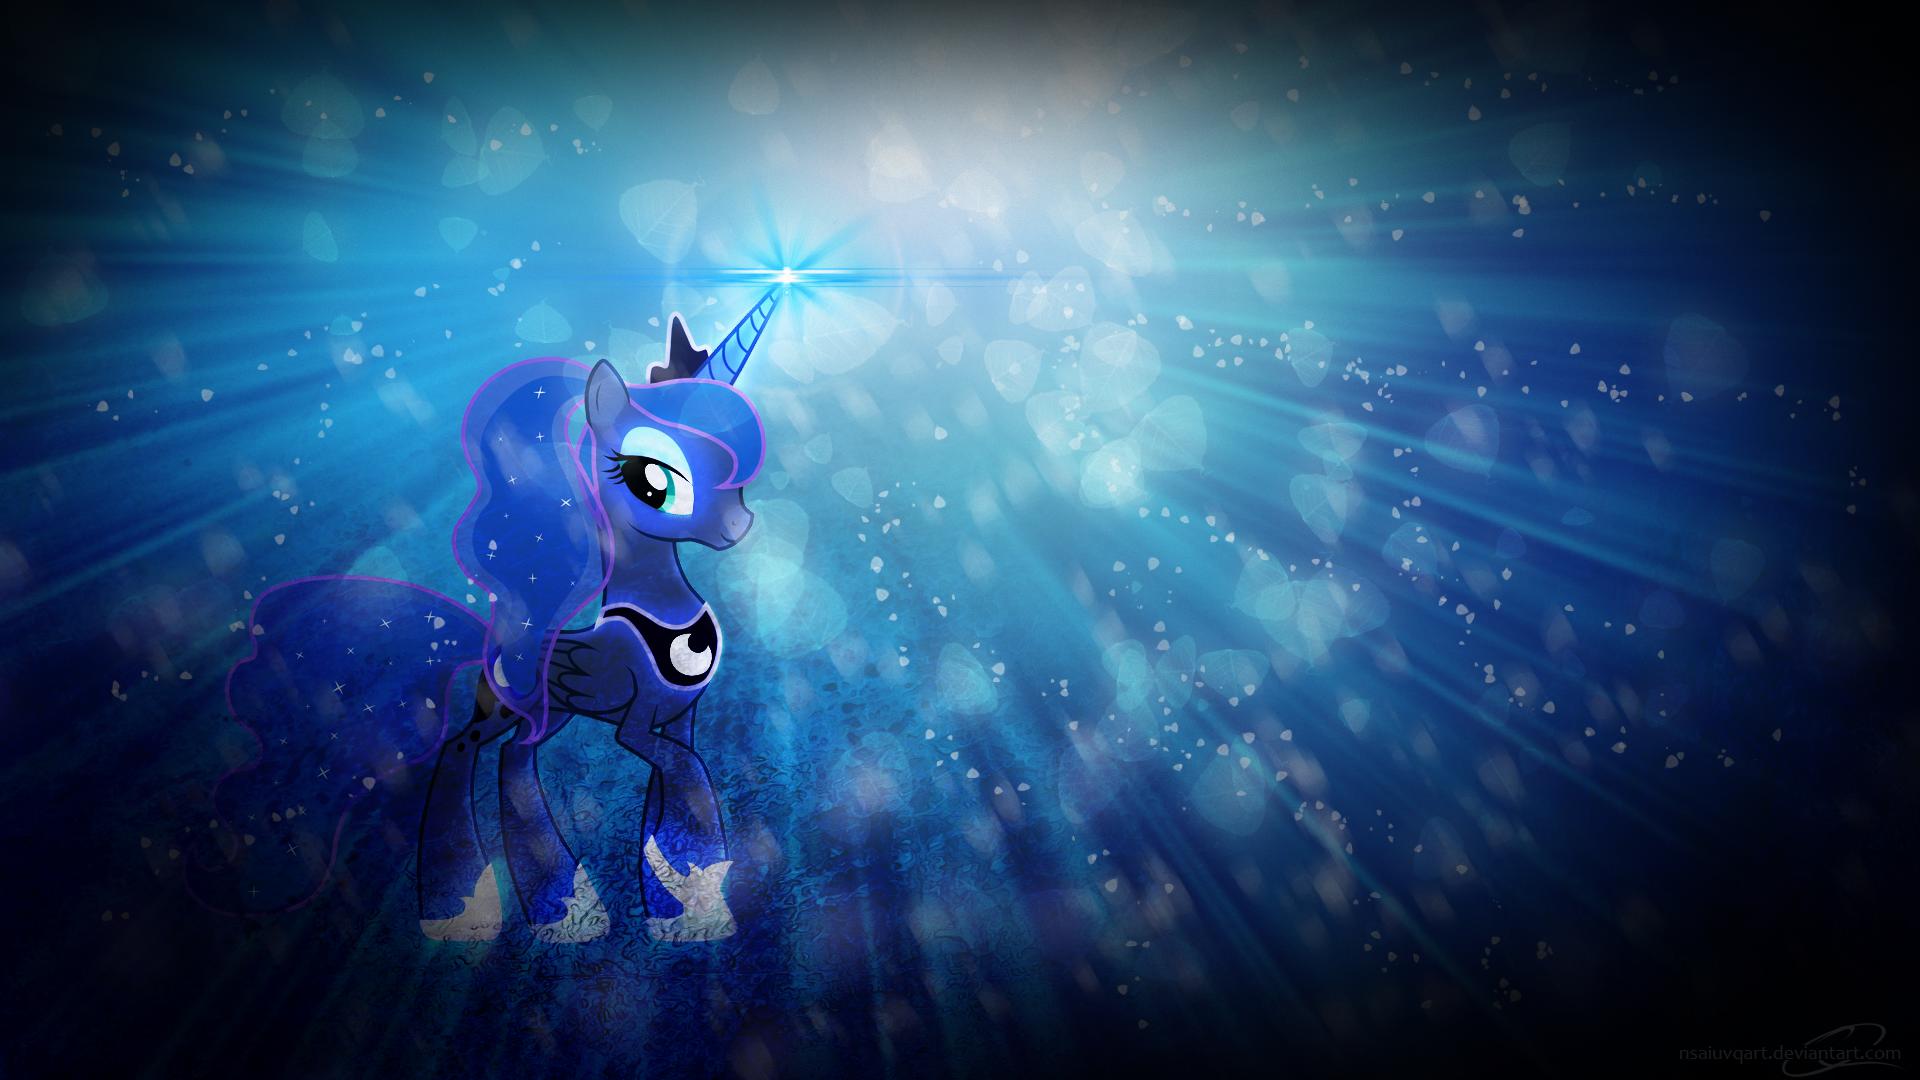 Luna - Dreams WP by nsaiuvqart